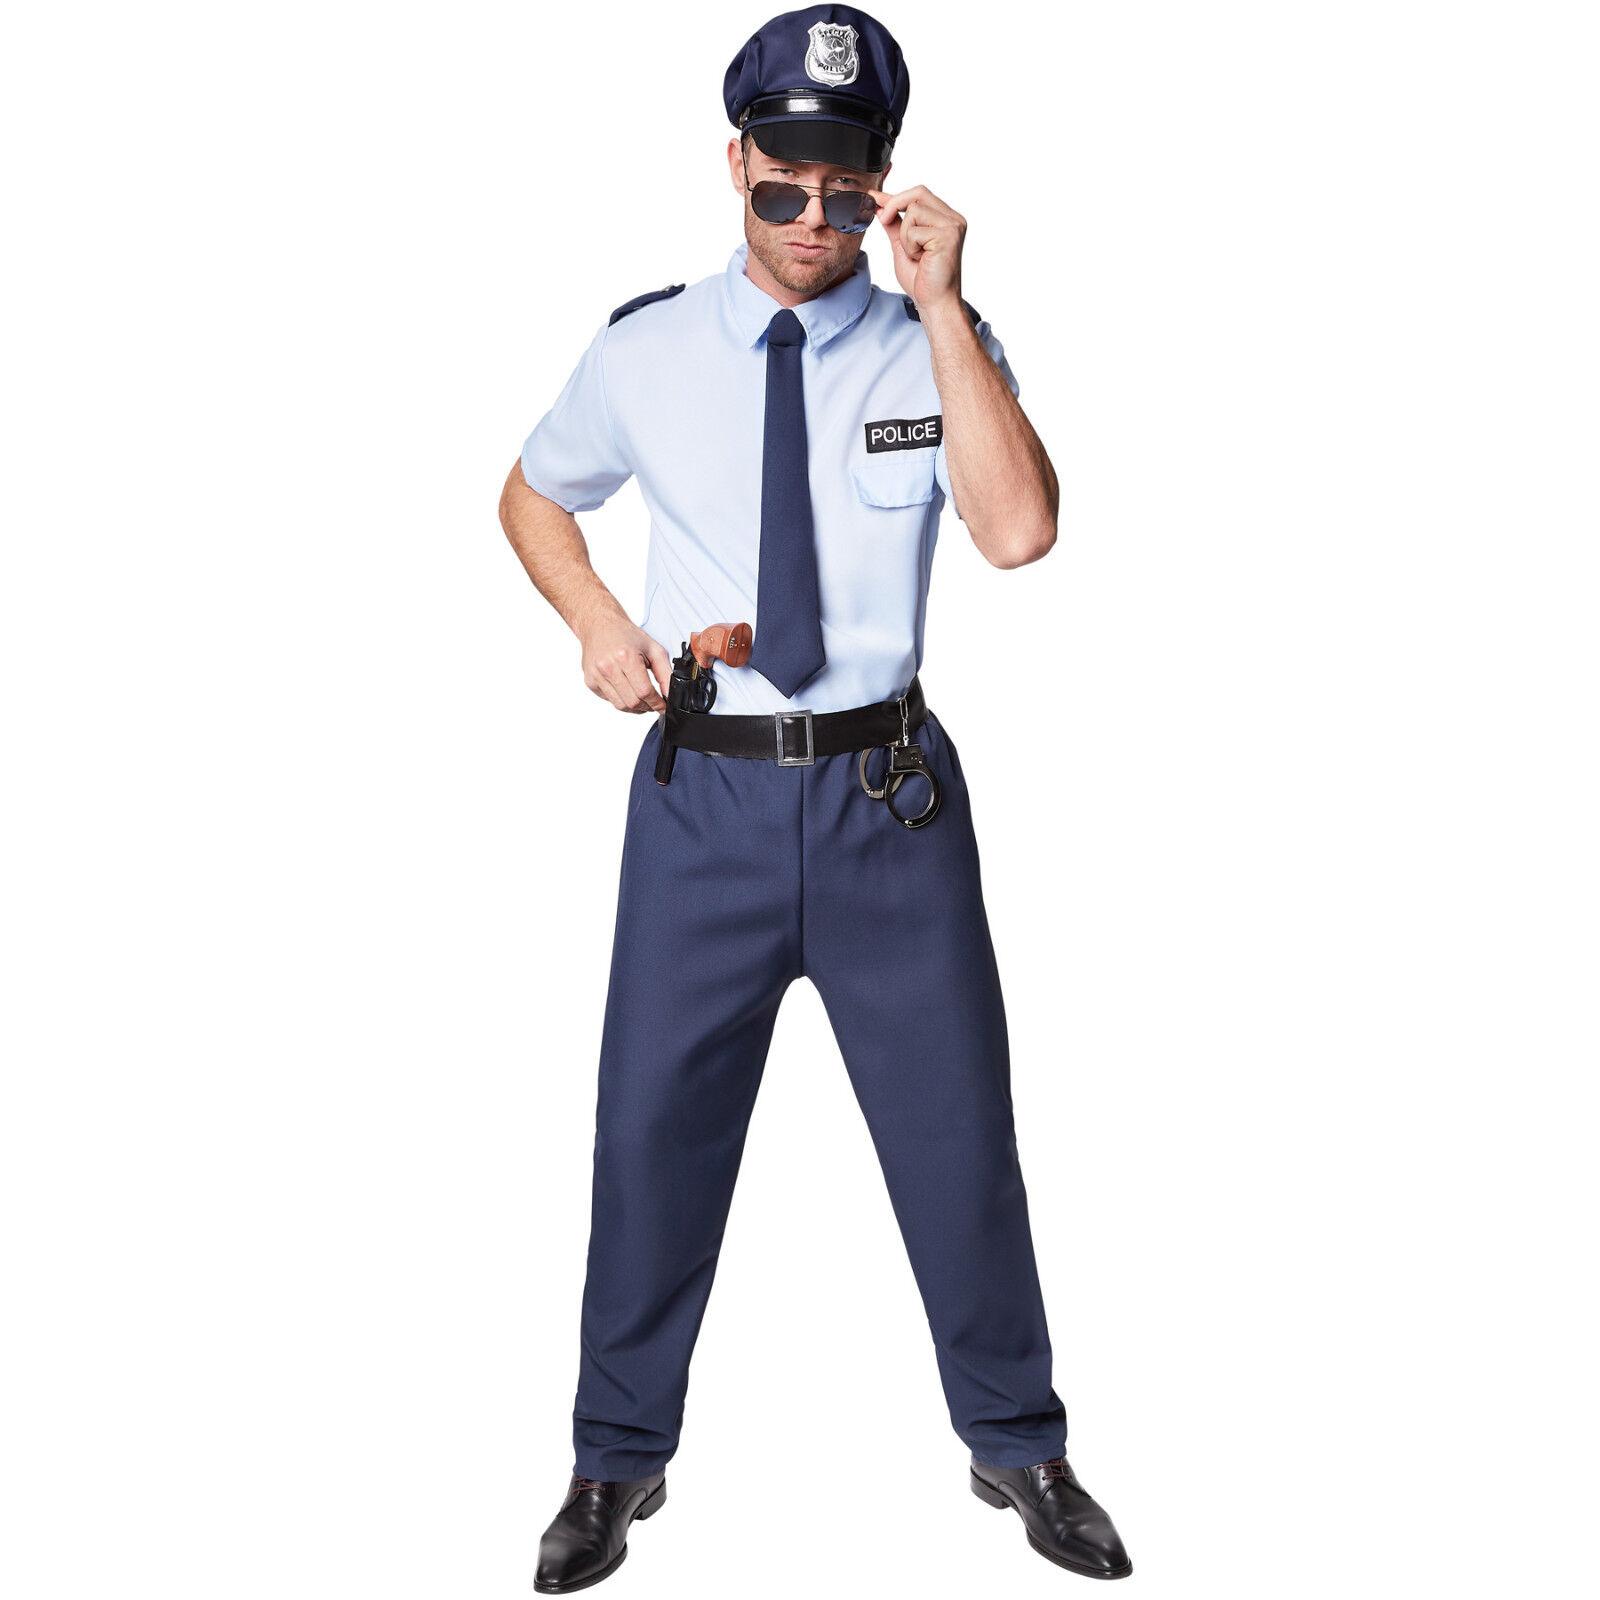 ᐅ Polizei Kostum Im Test 2019 Bestenliste Testsieger